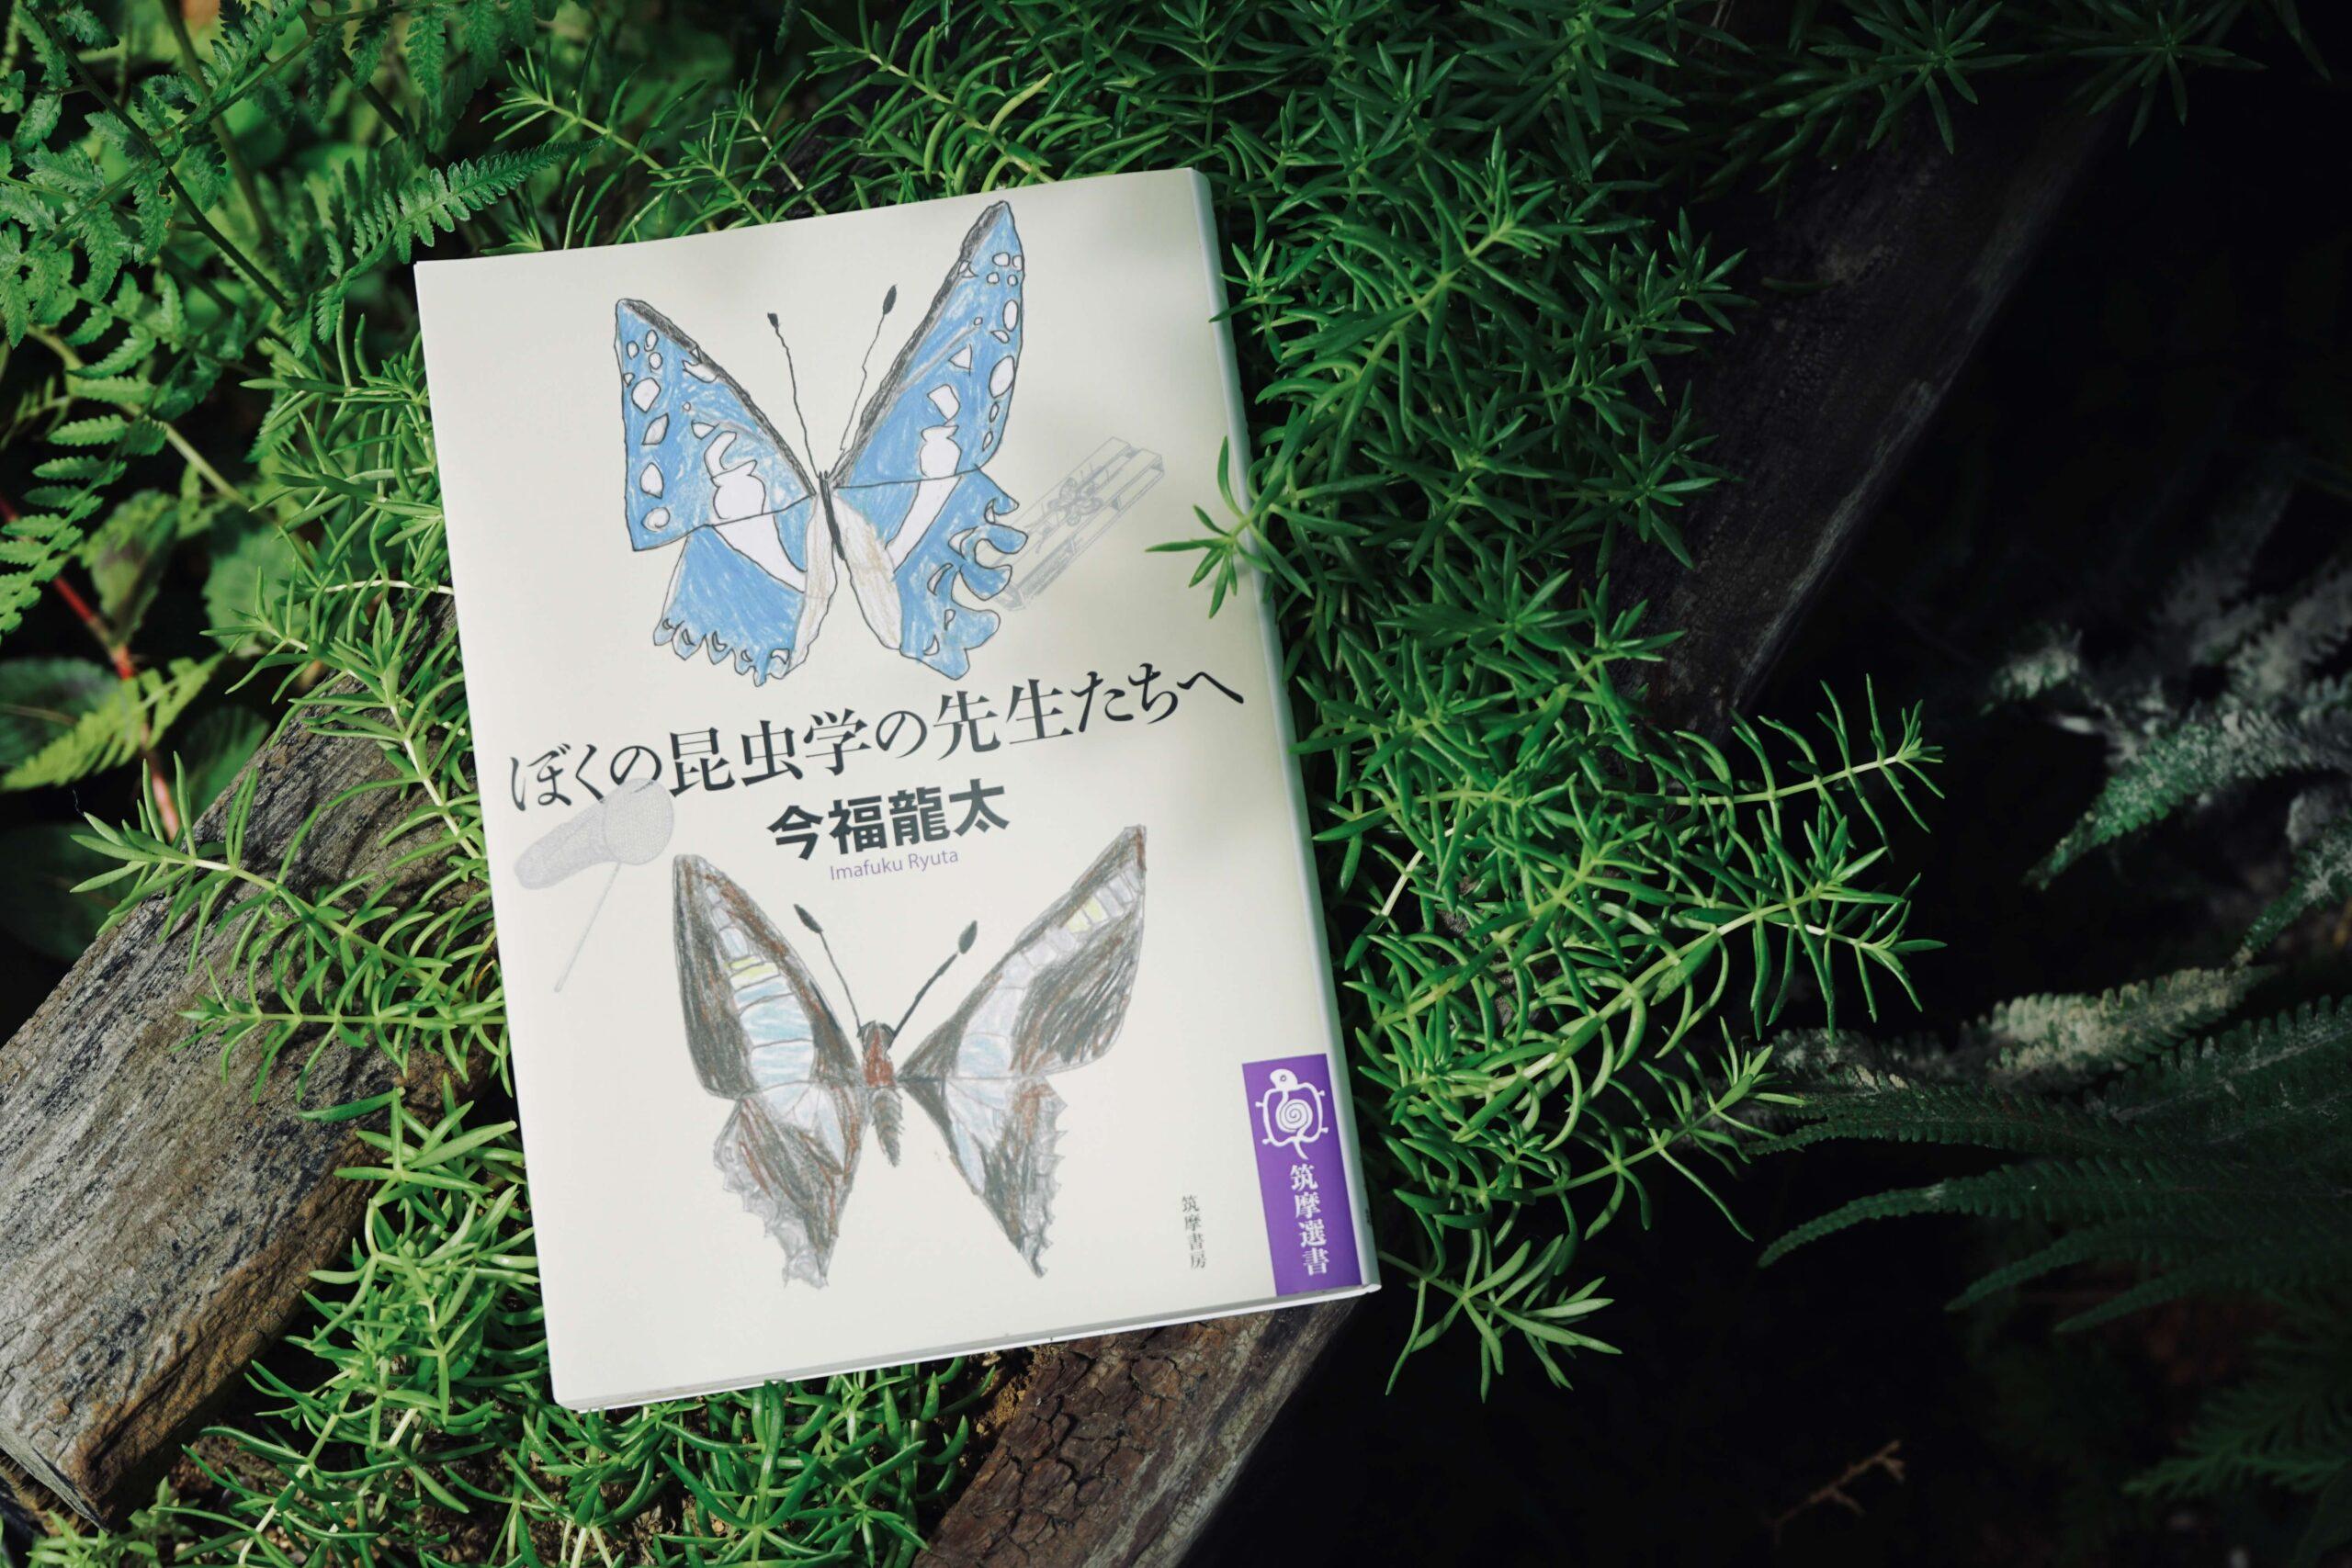 希望としての野の教え—『ぼくの昆虫学の先生たちへ』刊行記念セッション